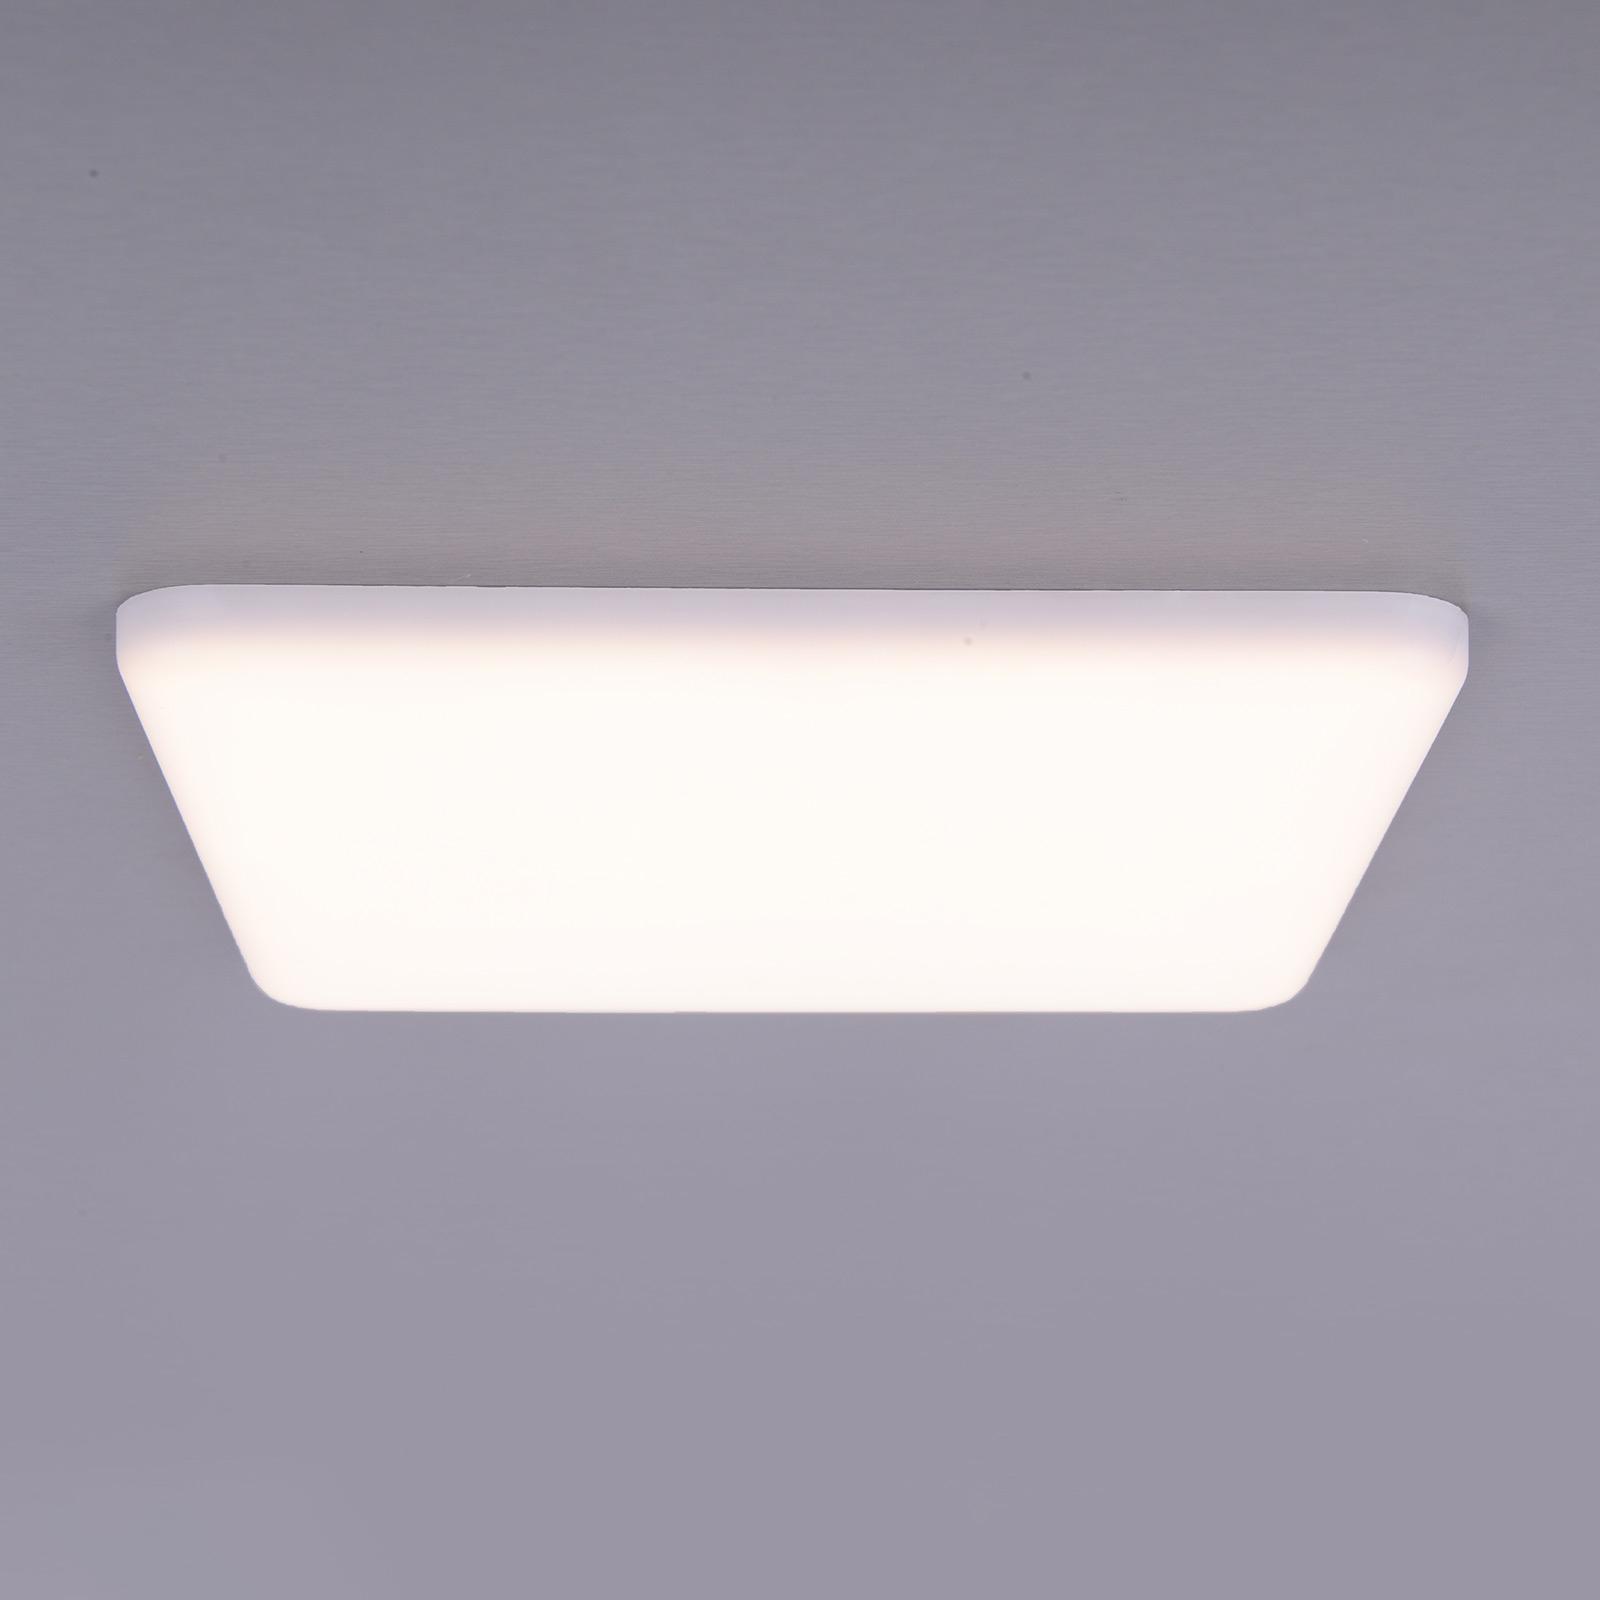 LED-Einbauleuchte Sula, quadratisch, IP66, 21,5 cm